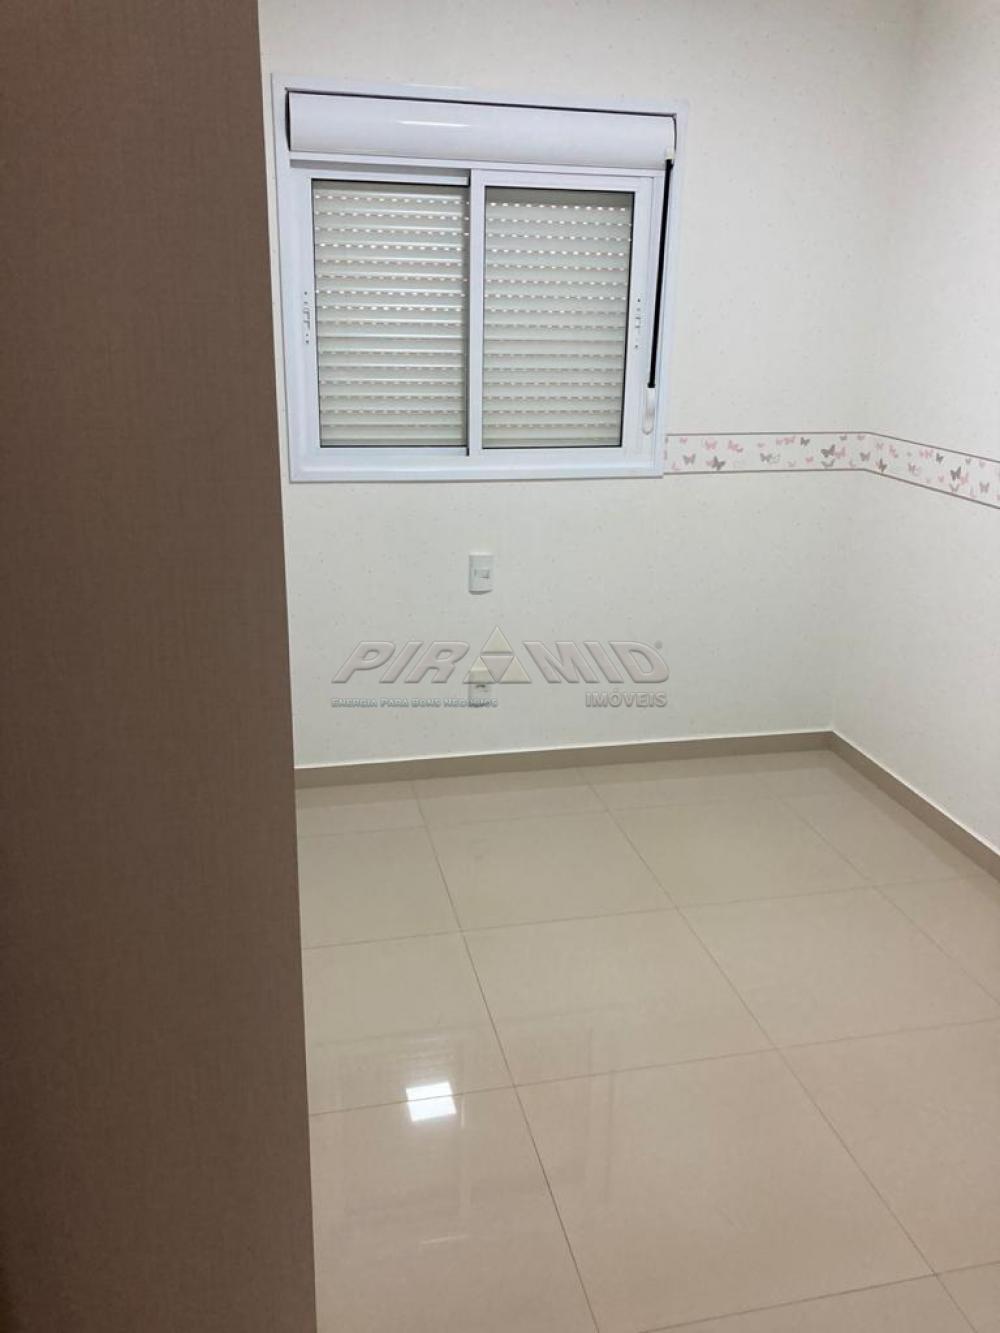 Comprar Apartamento / Padrão em Ribeirão Preto apenas R$ 800.000,00 - Foto 14